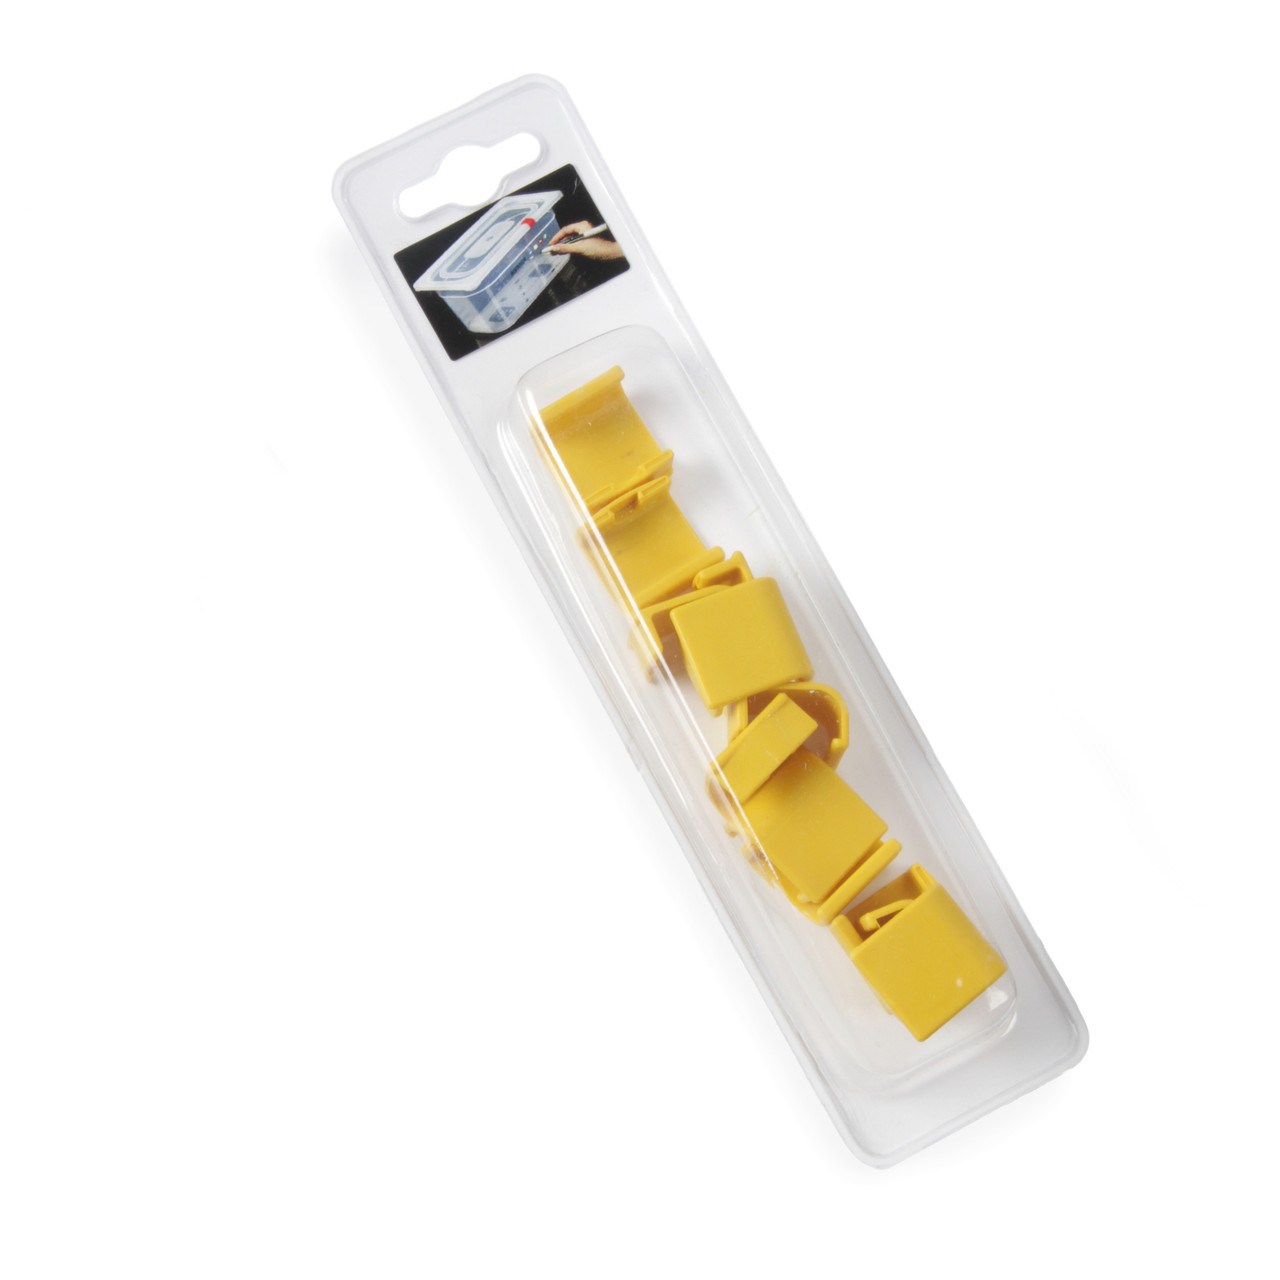 Клипса для гастроемкостей желтая 12 шт. Hendi